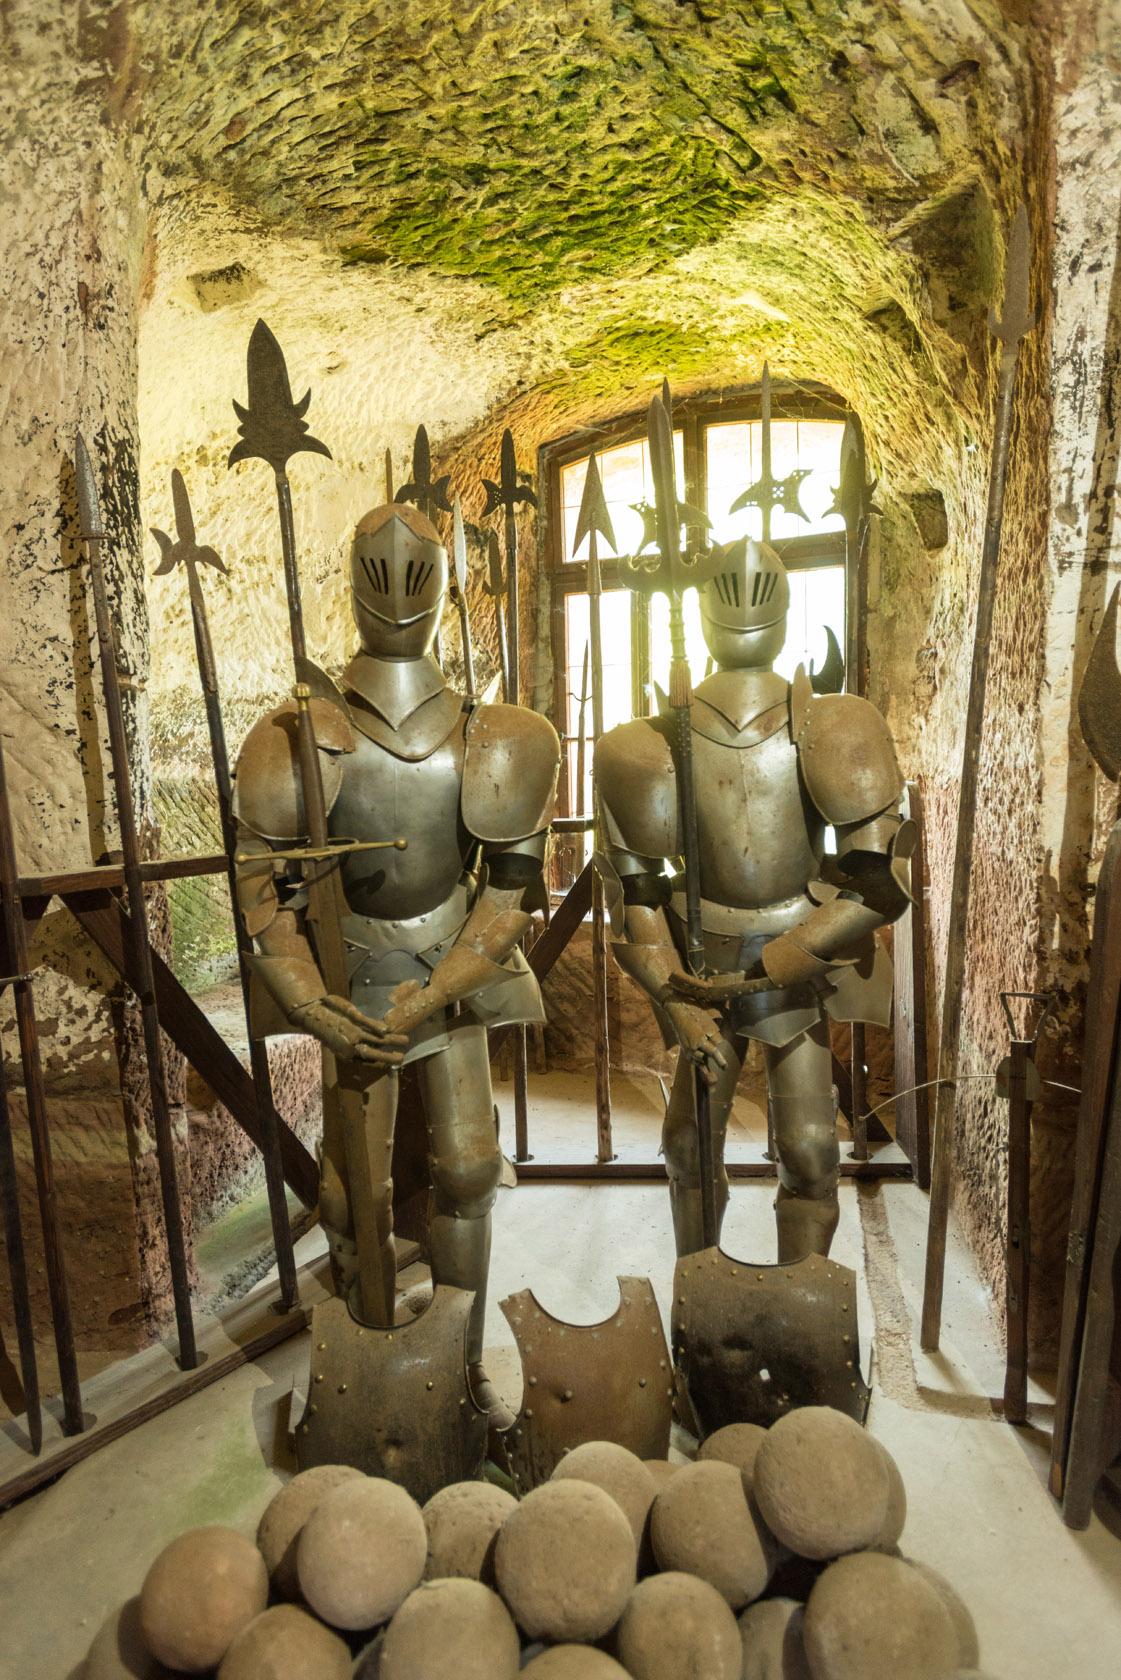 Ritter in der Burg Berwartstein in Erlenbach bei Dahn, Pfalz